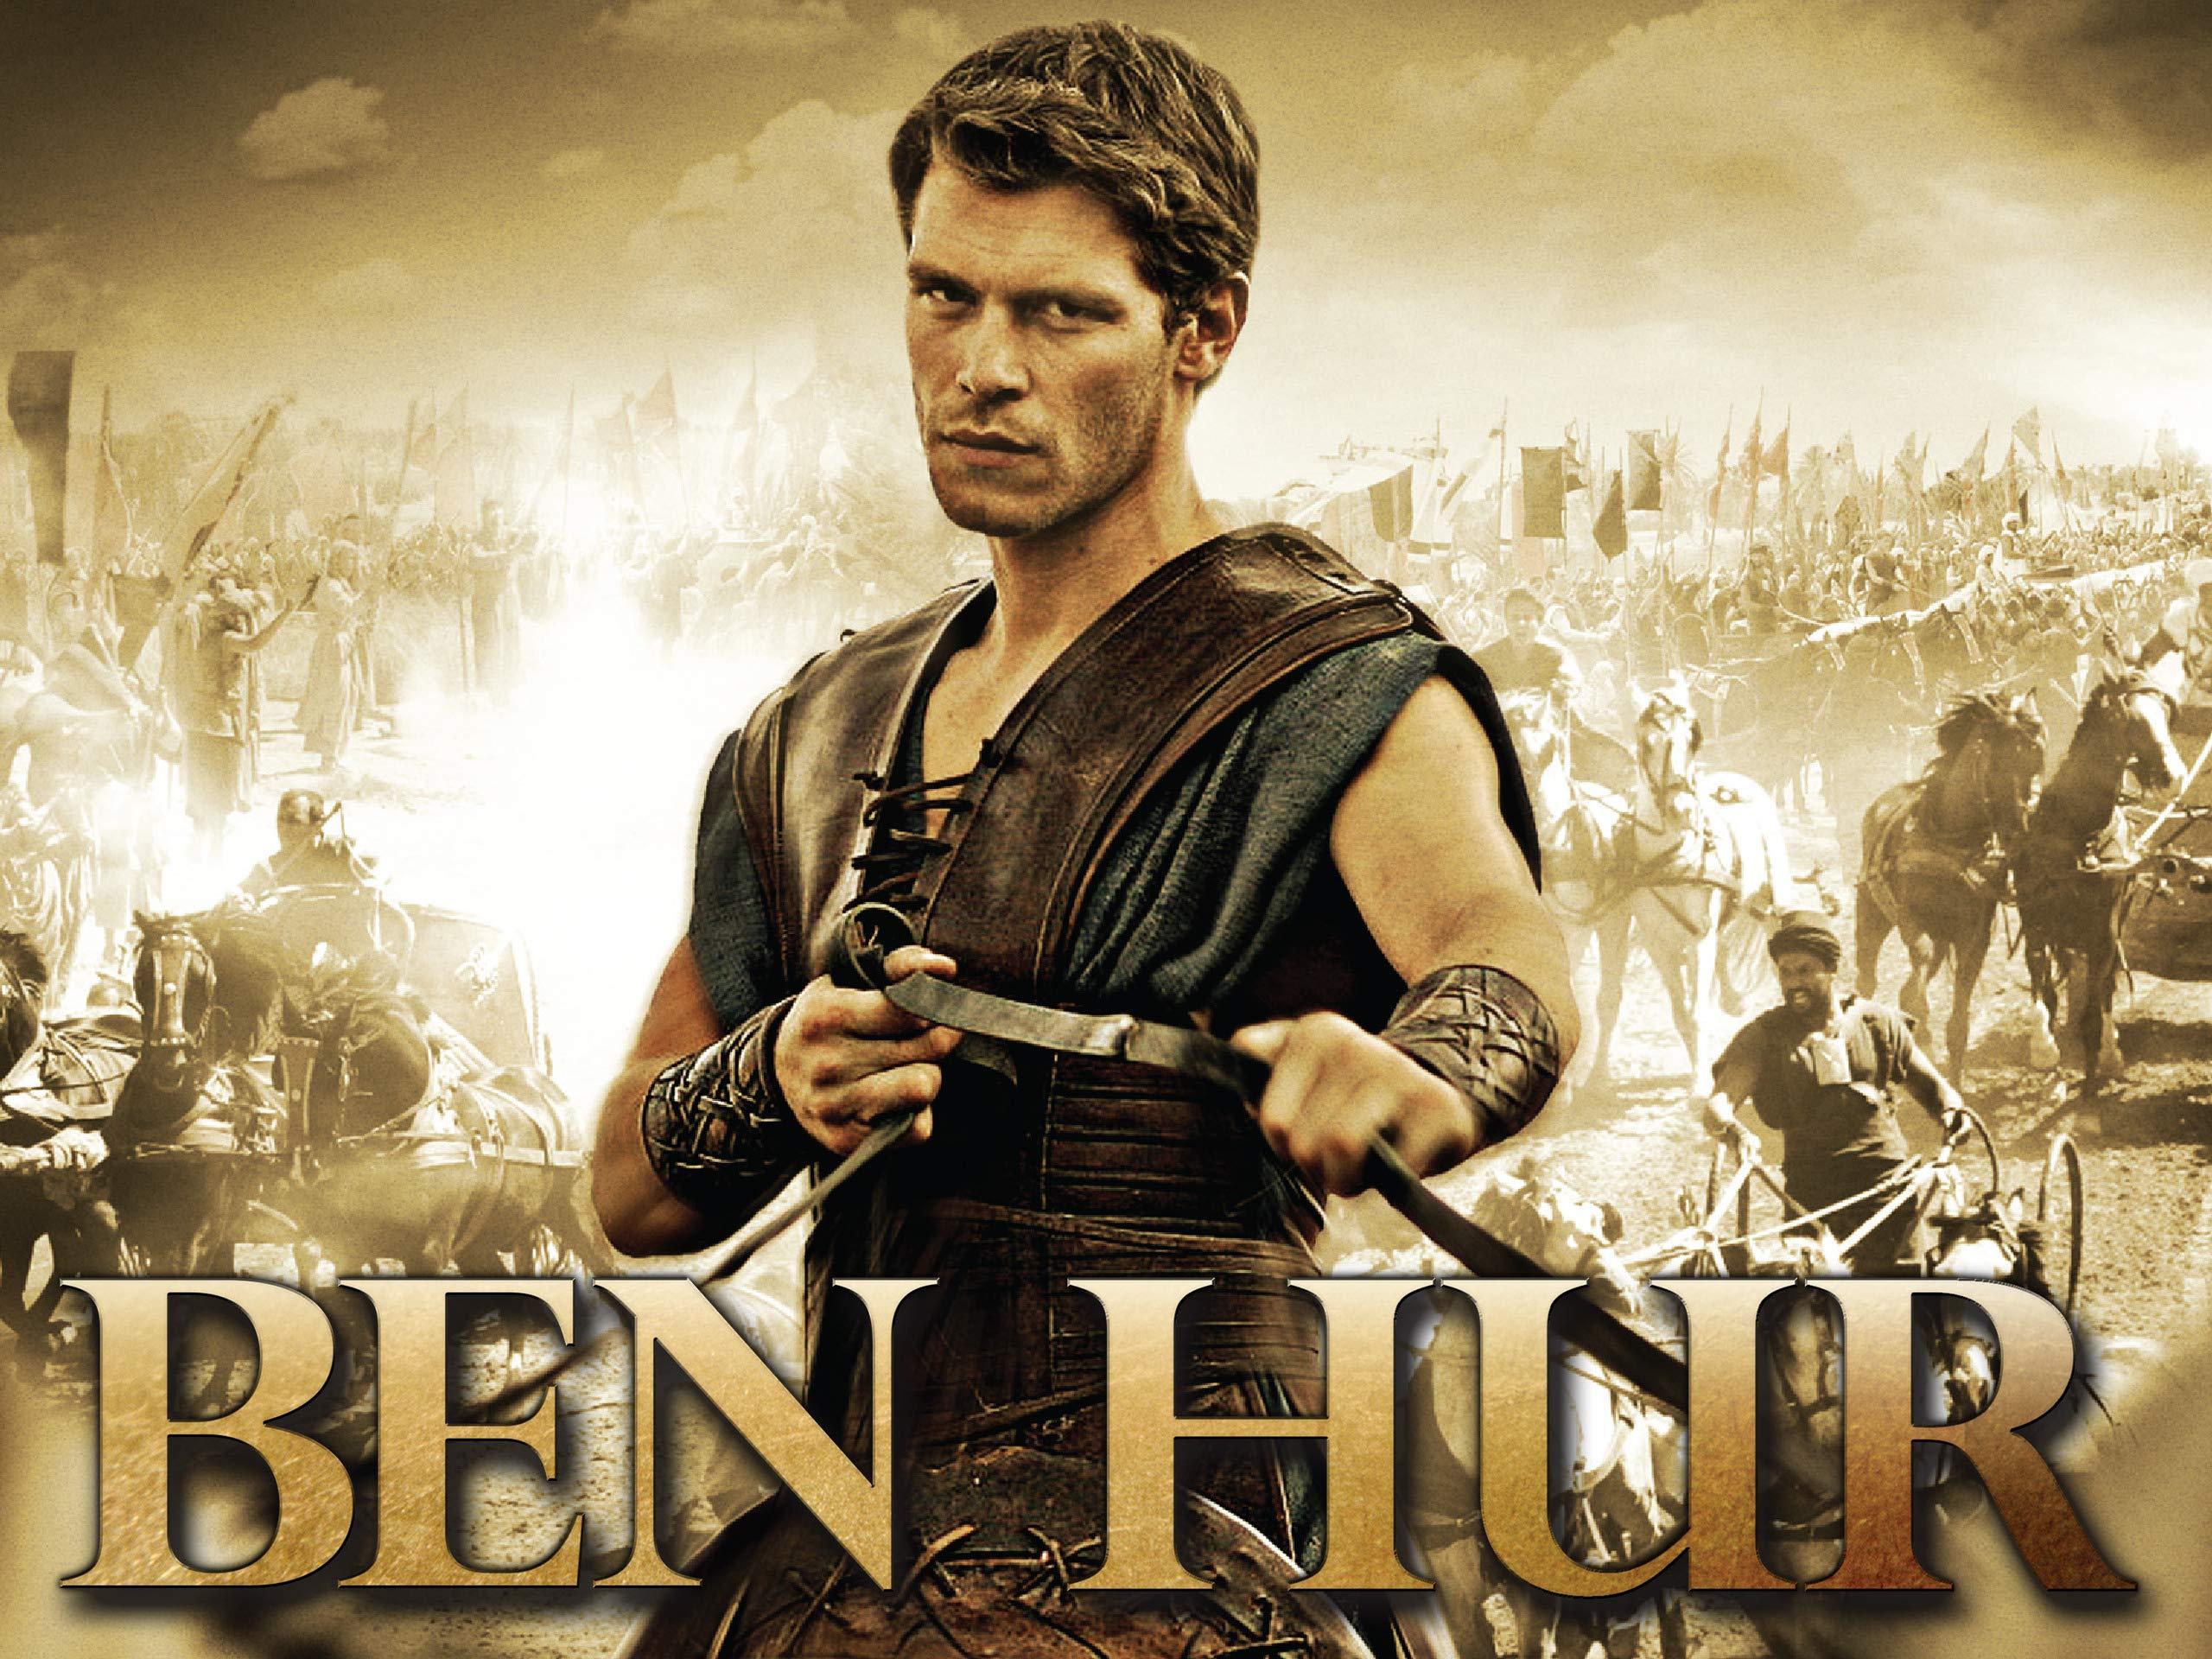 Ben Hur - Season 1